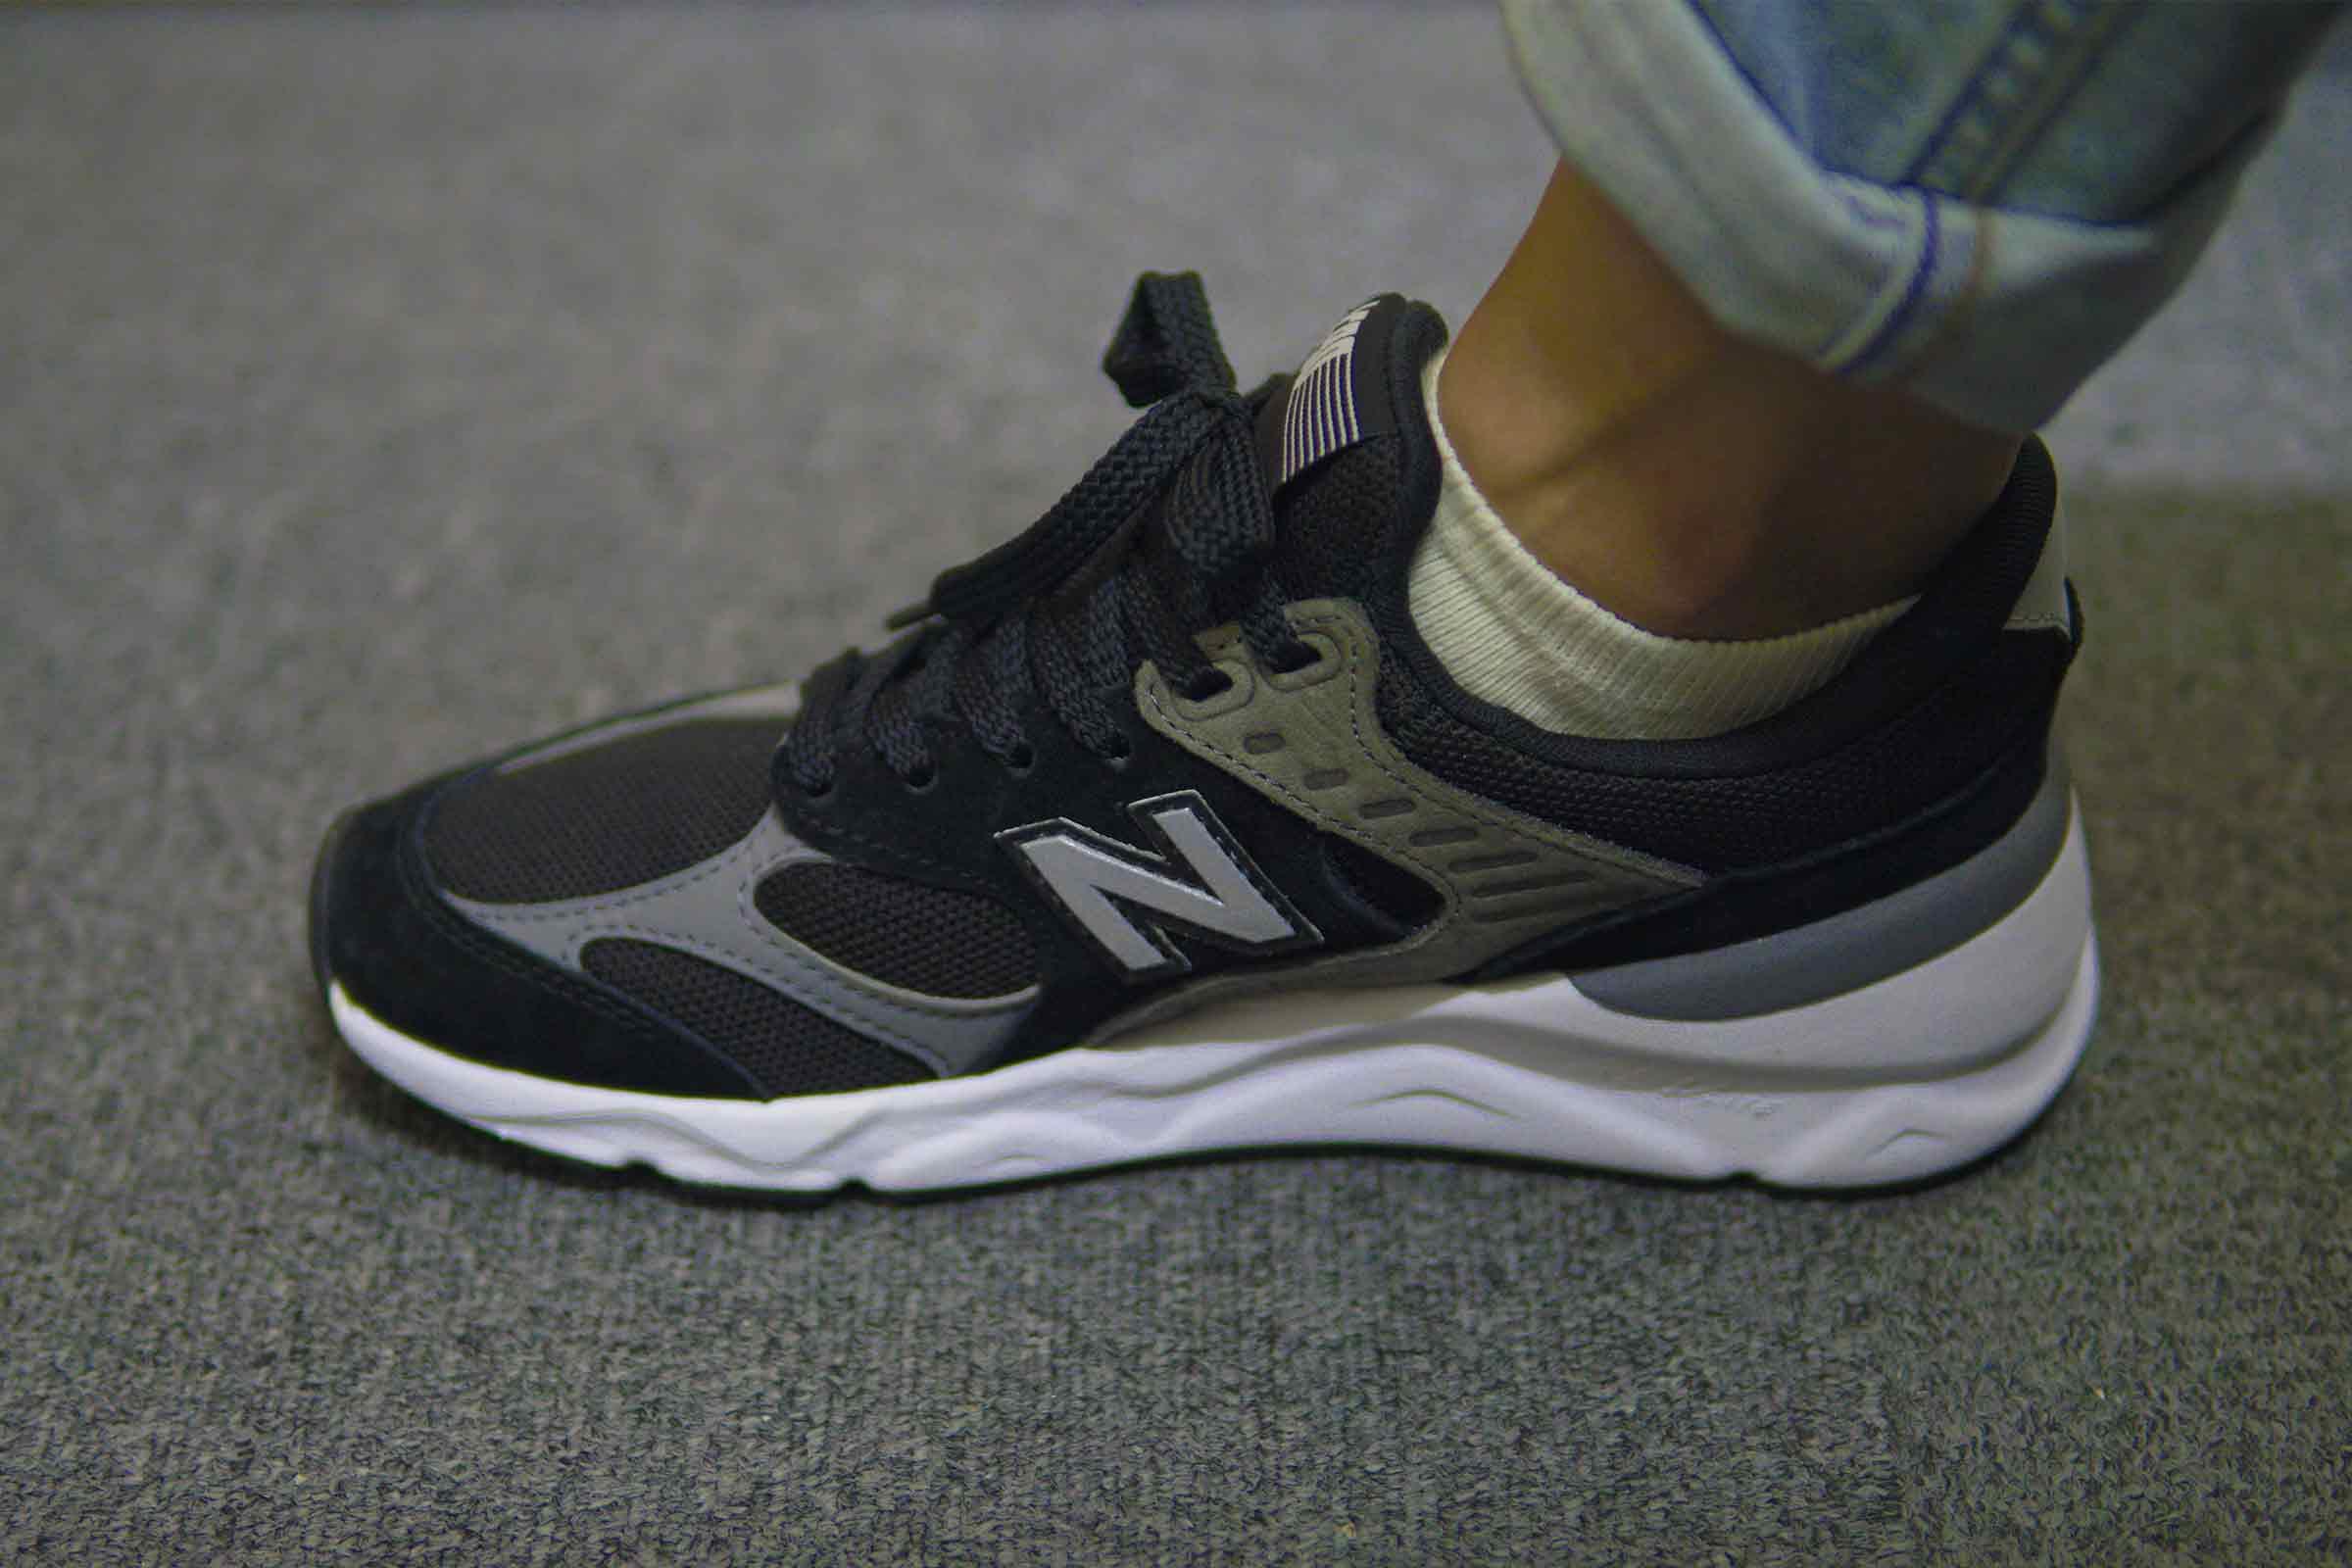 スニーカー,ニューバランス,newbalance,歩きやすい,メンズ,安い,疲れない